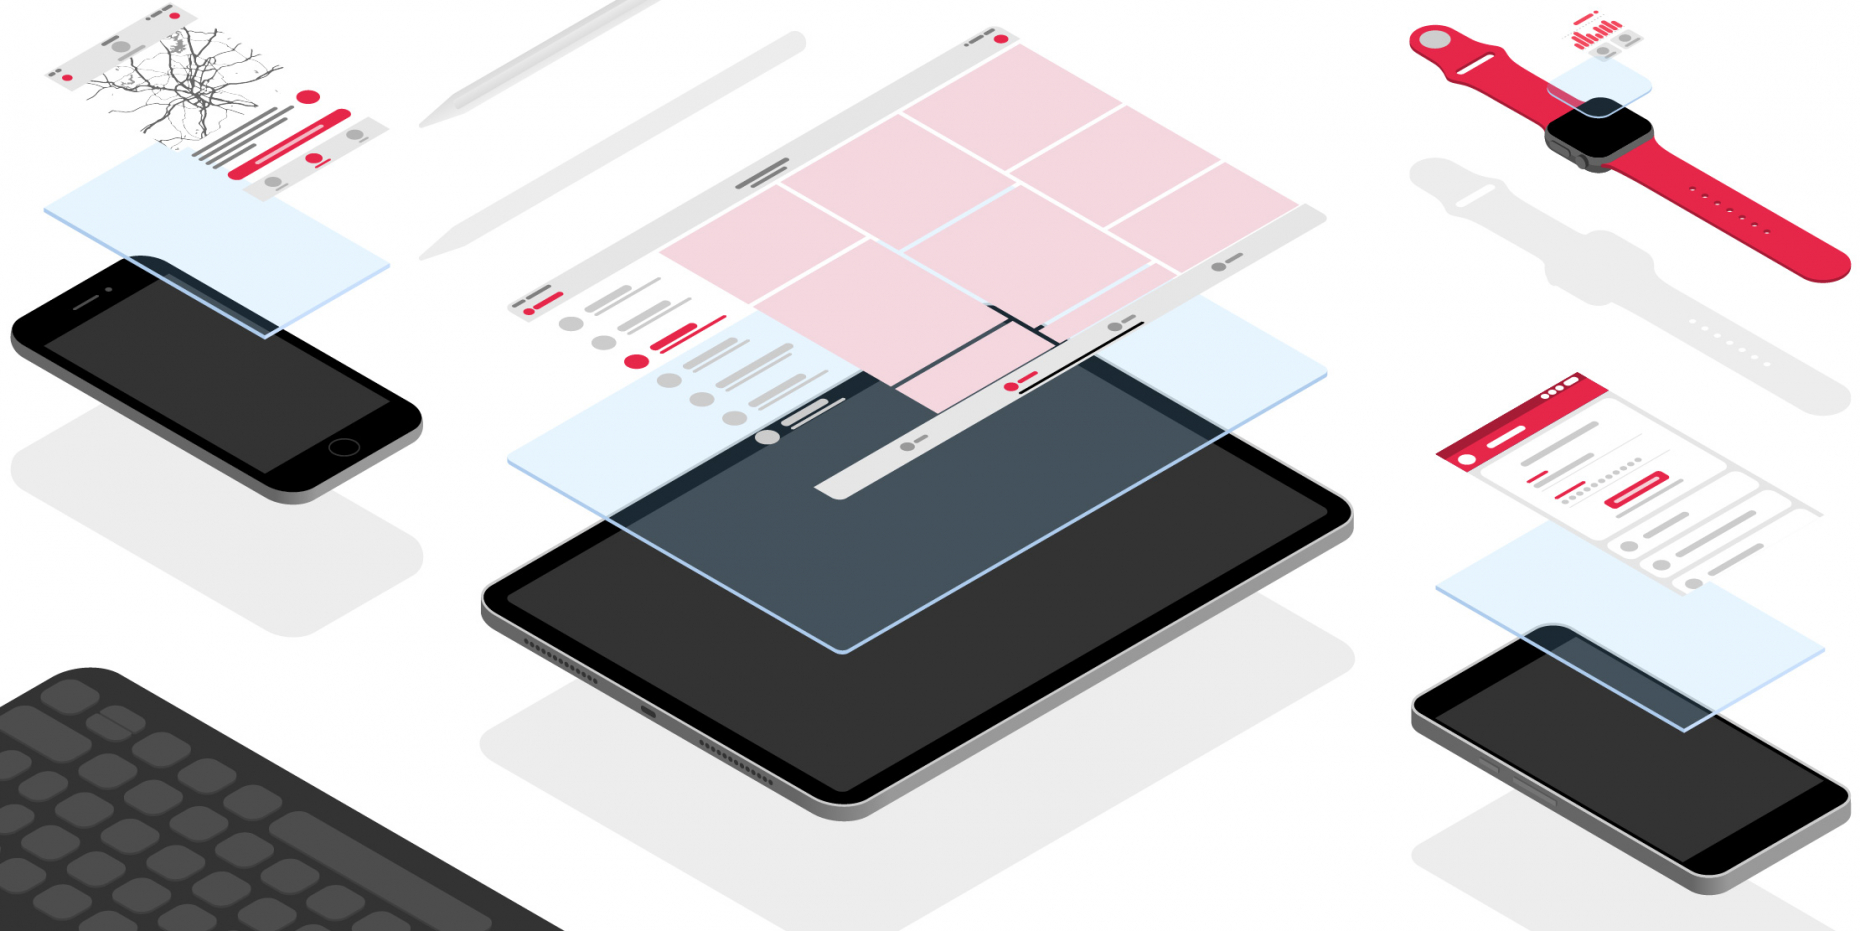 Verschiedene Mobile Geräte wie smart Phone, Tablet und smart Watch.